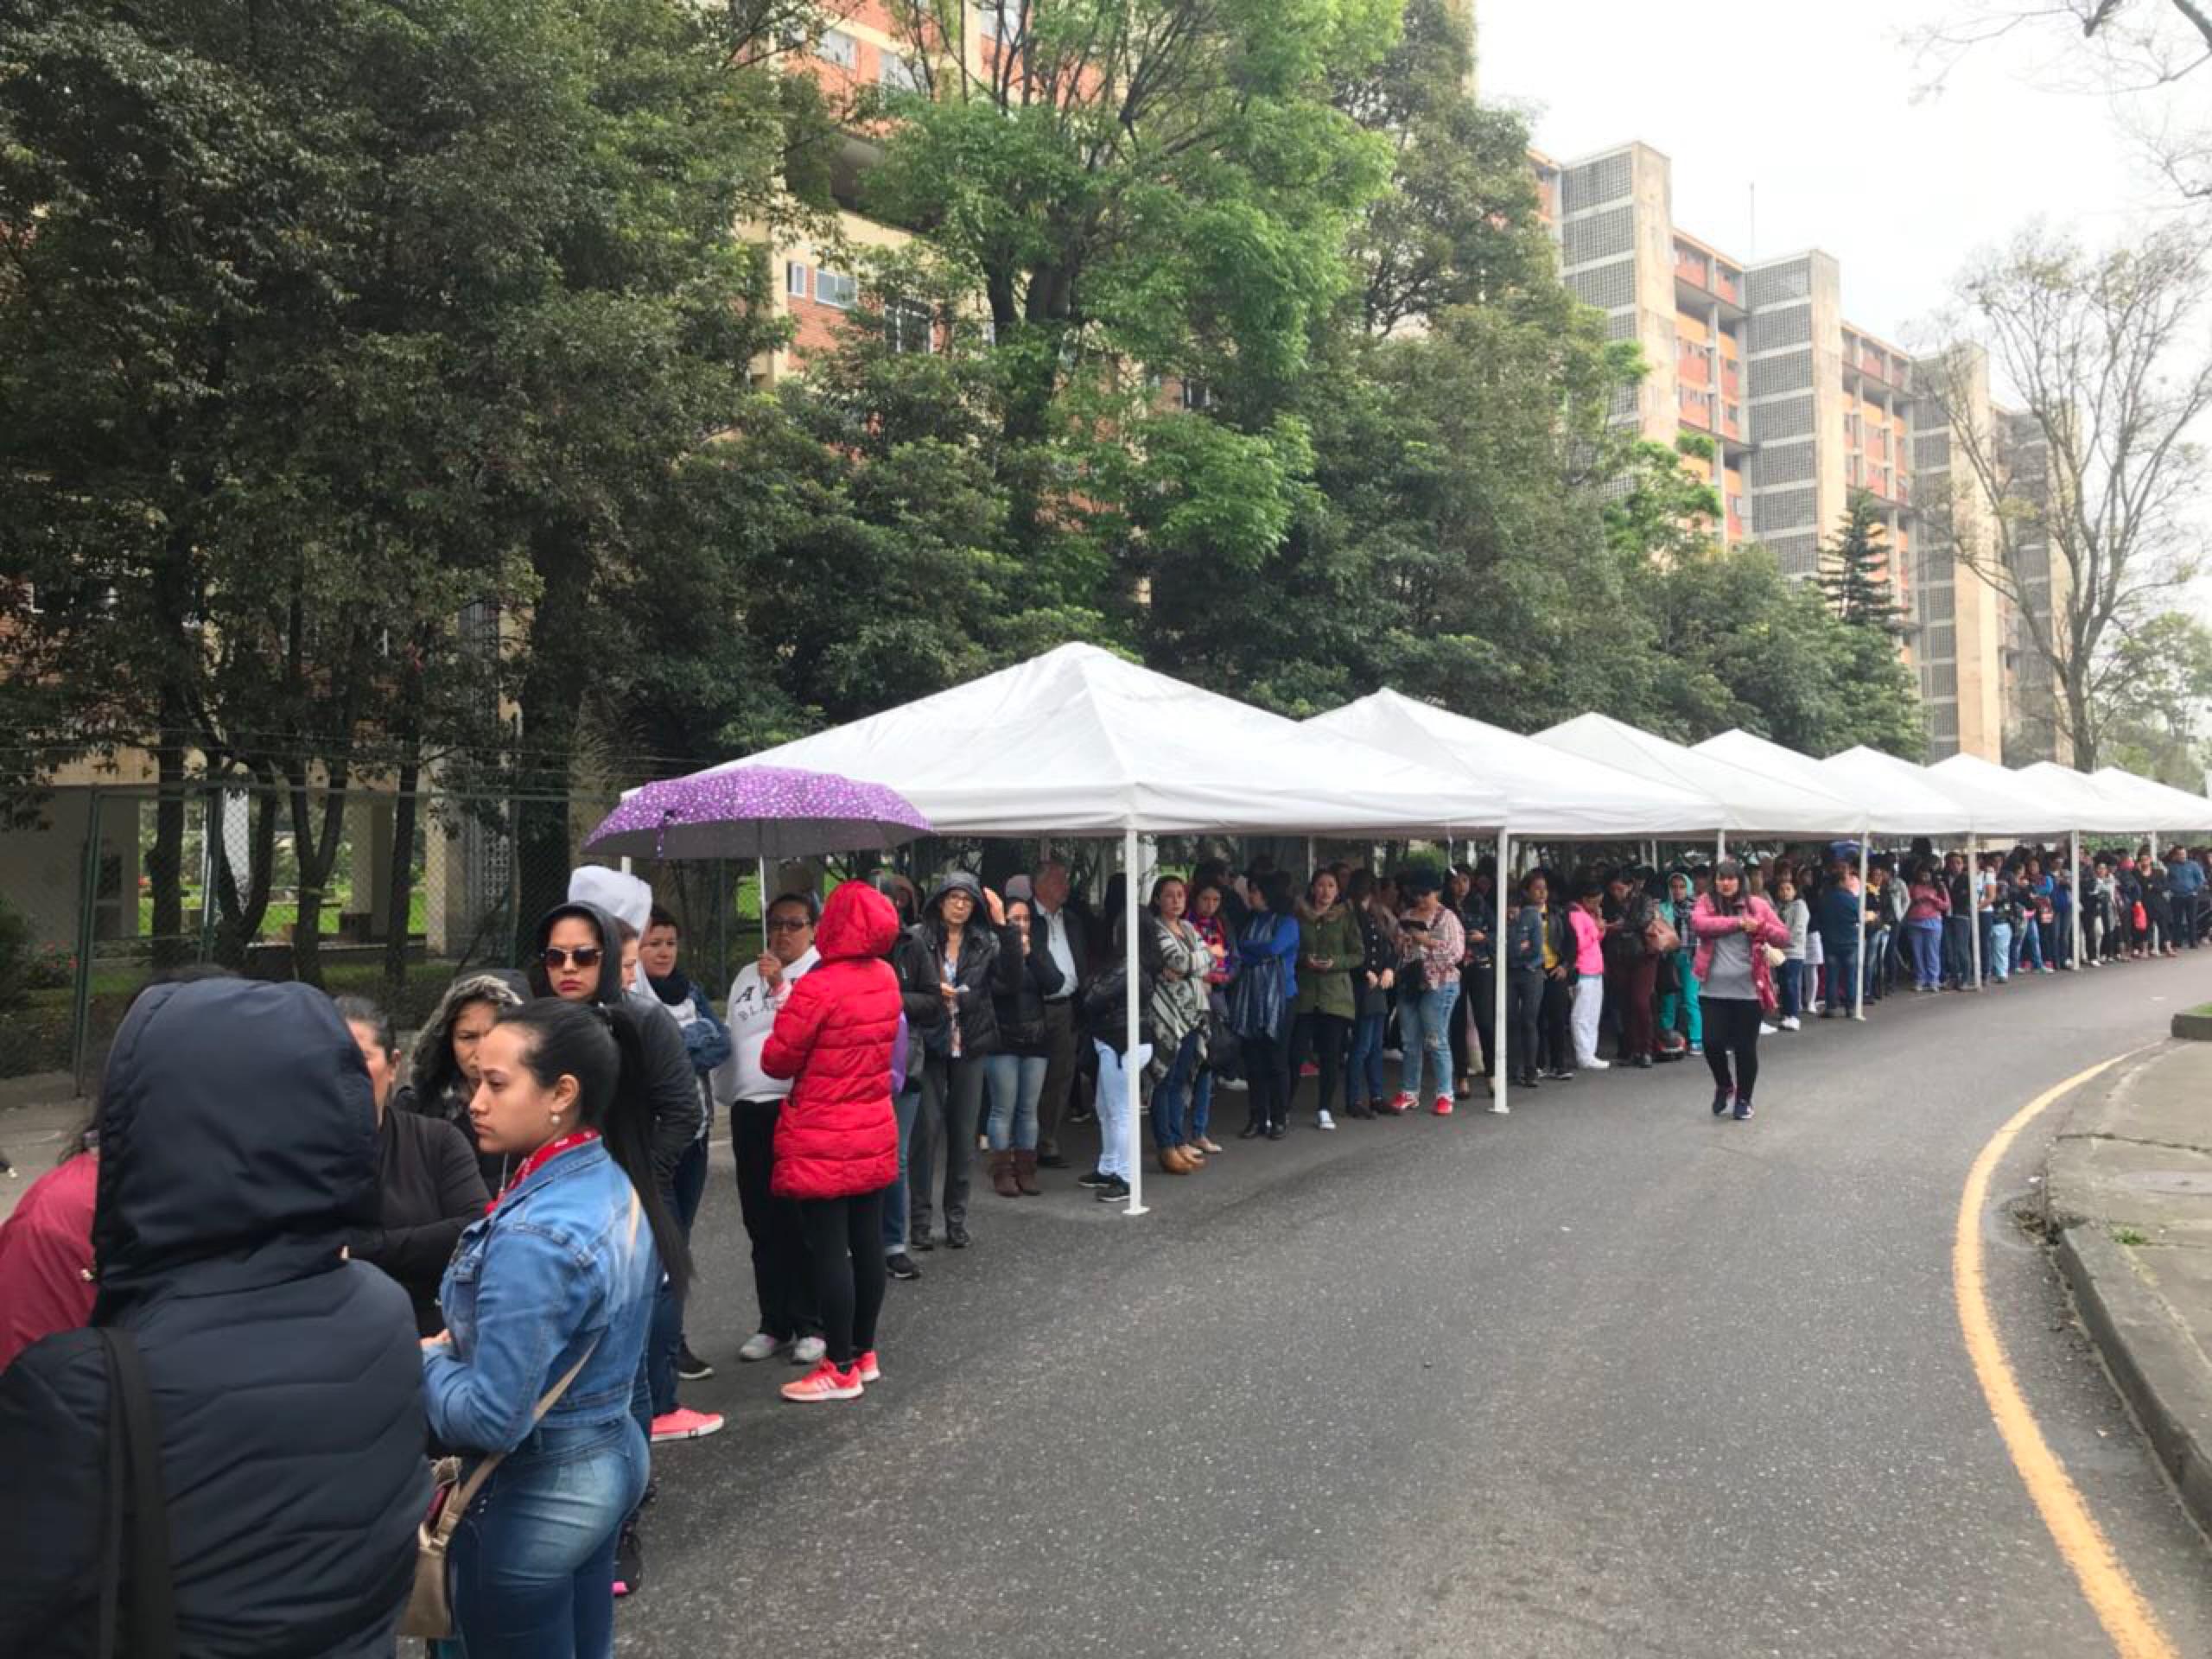 Élections en #Colombie : La Colombie à la croisée des chemins par @SergioCoronado et @christianpdg #GustavoPetro #ColombiaHumana